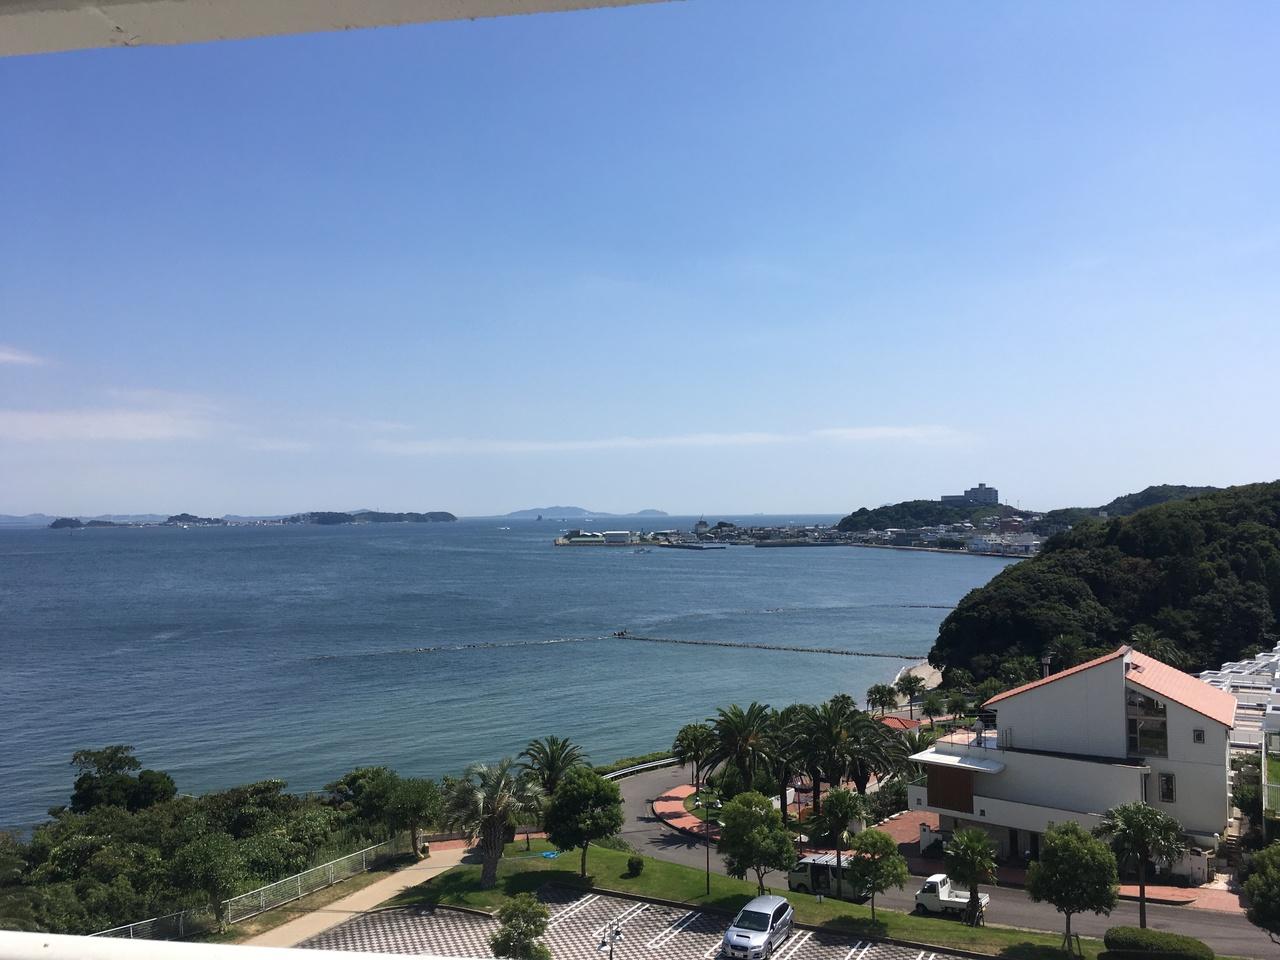 晴れた日にはバルコニーから日間賀島や篠島などが眺望できます